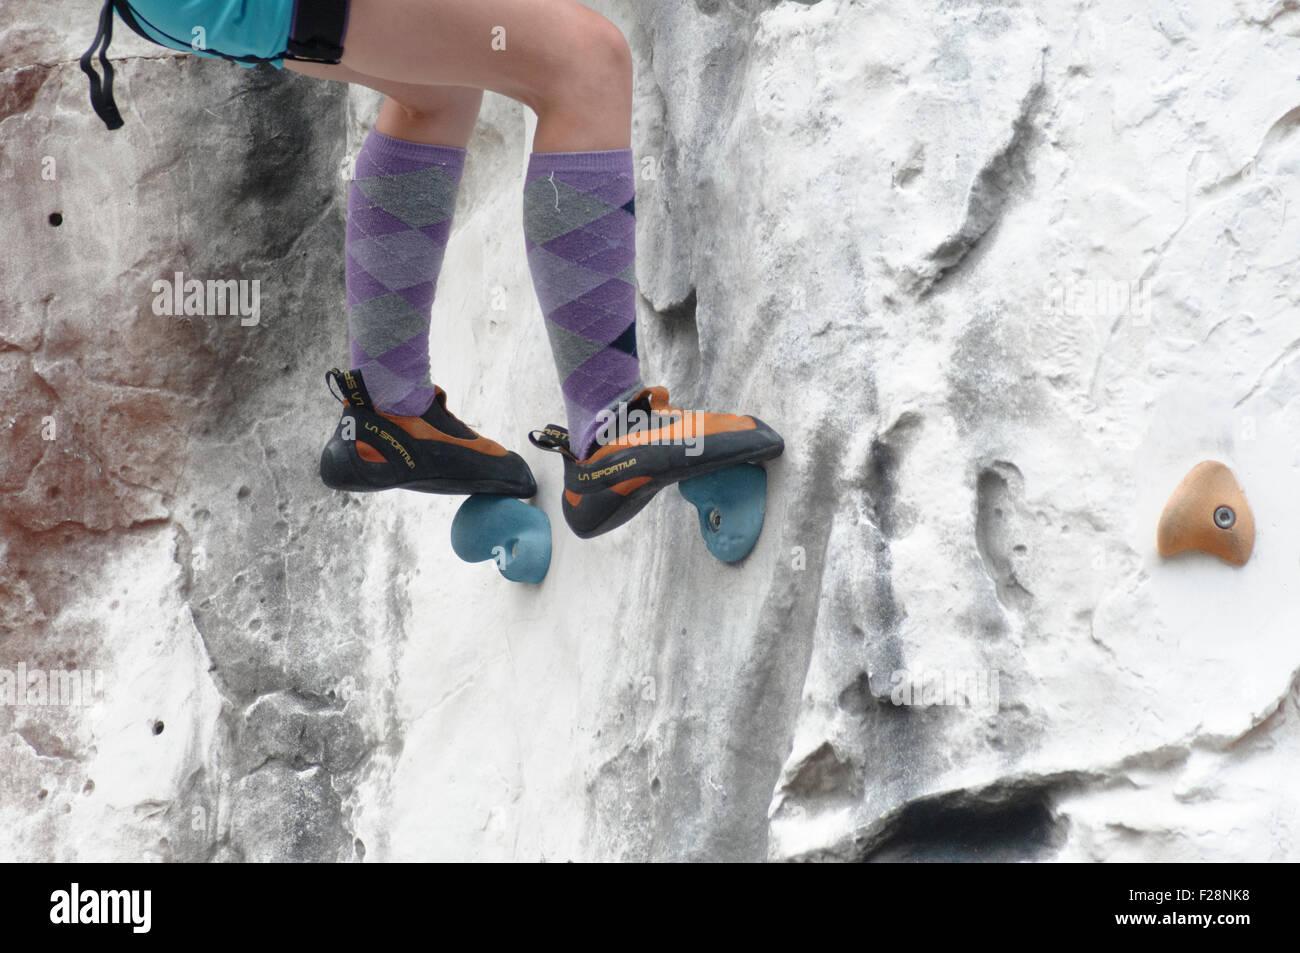 Junges Teen Mädchen klettert auf eine künstliche Kletterwand Nahaufnahme von den Füßen und spezielle Stockbild